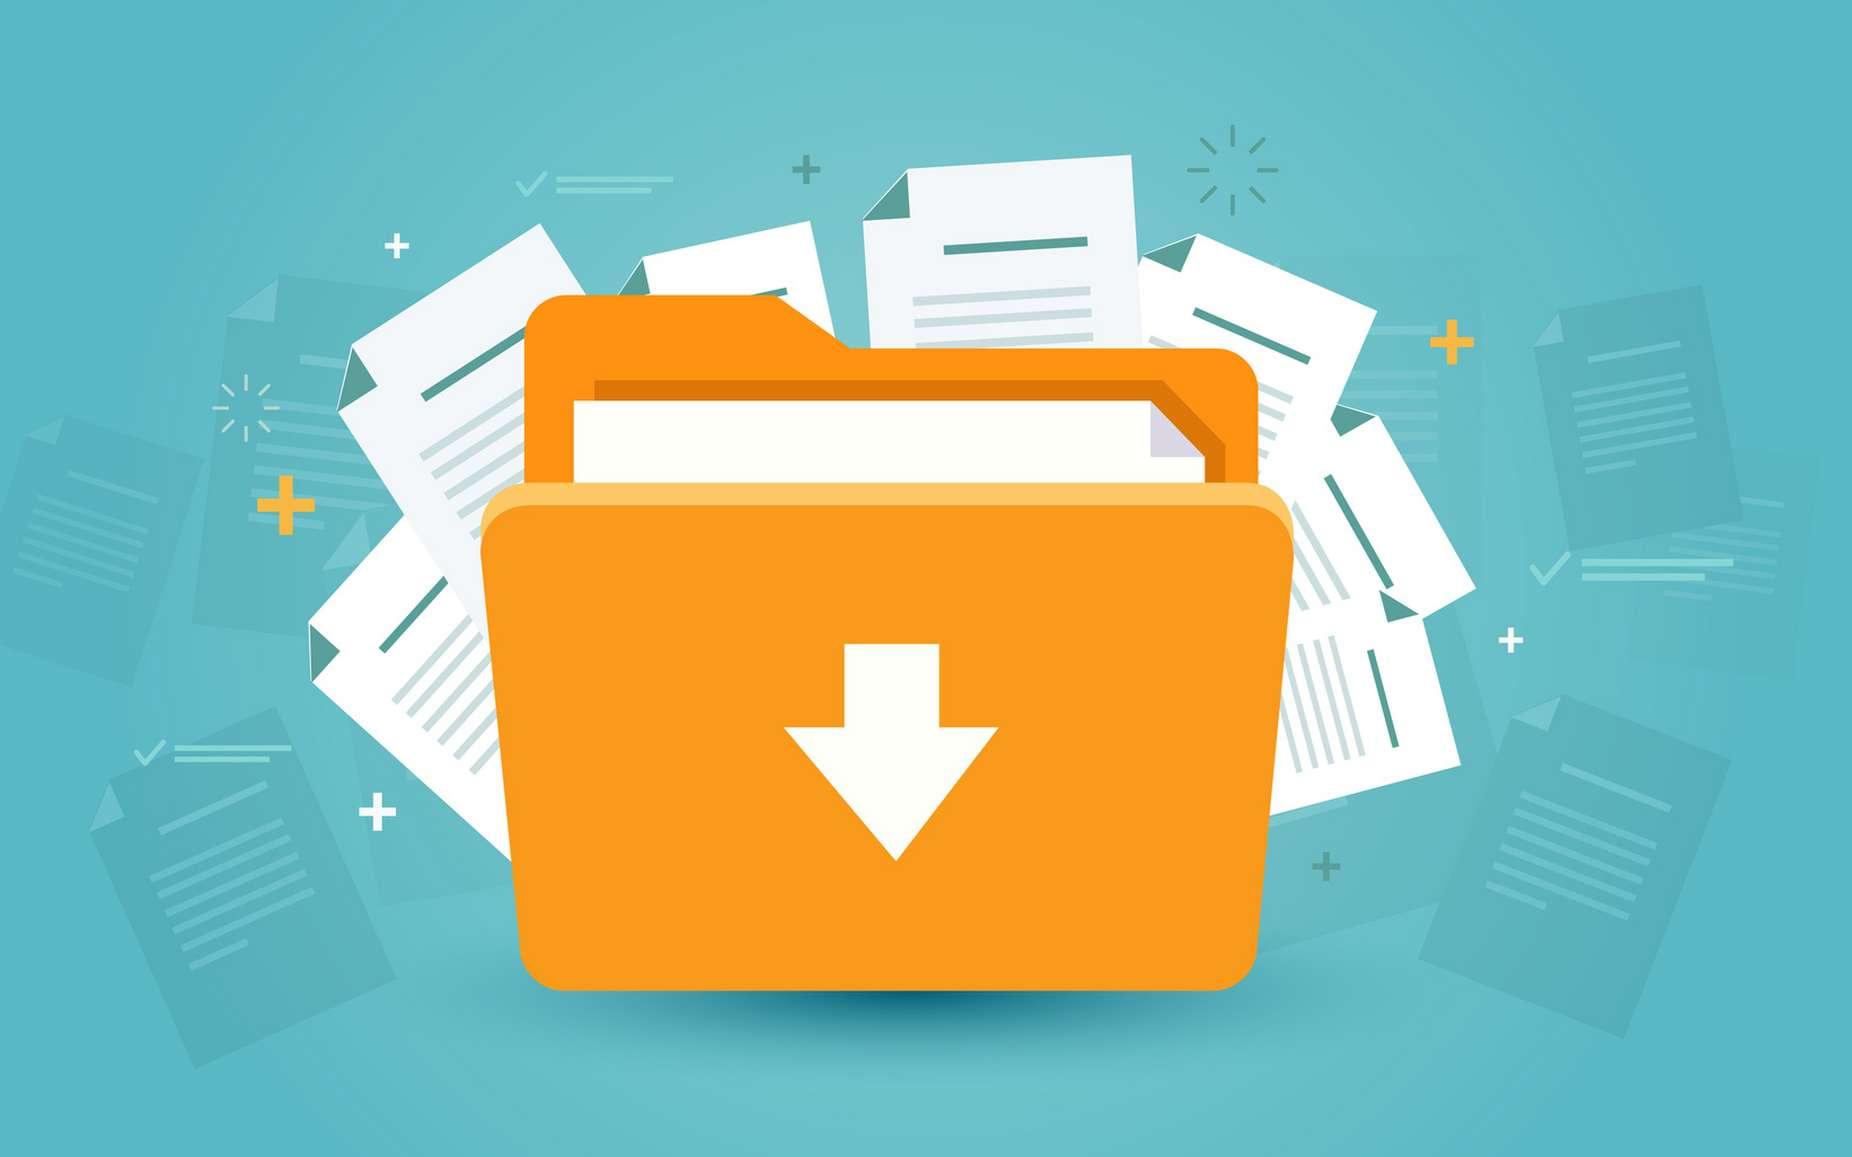 Le fichier Zip, utile, pour compresser les documents. © Julien Eichinger